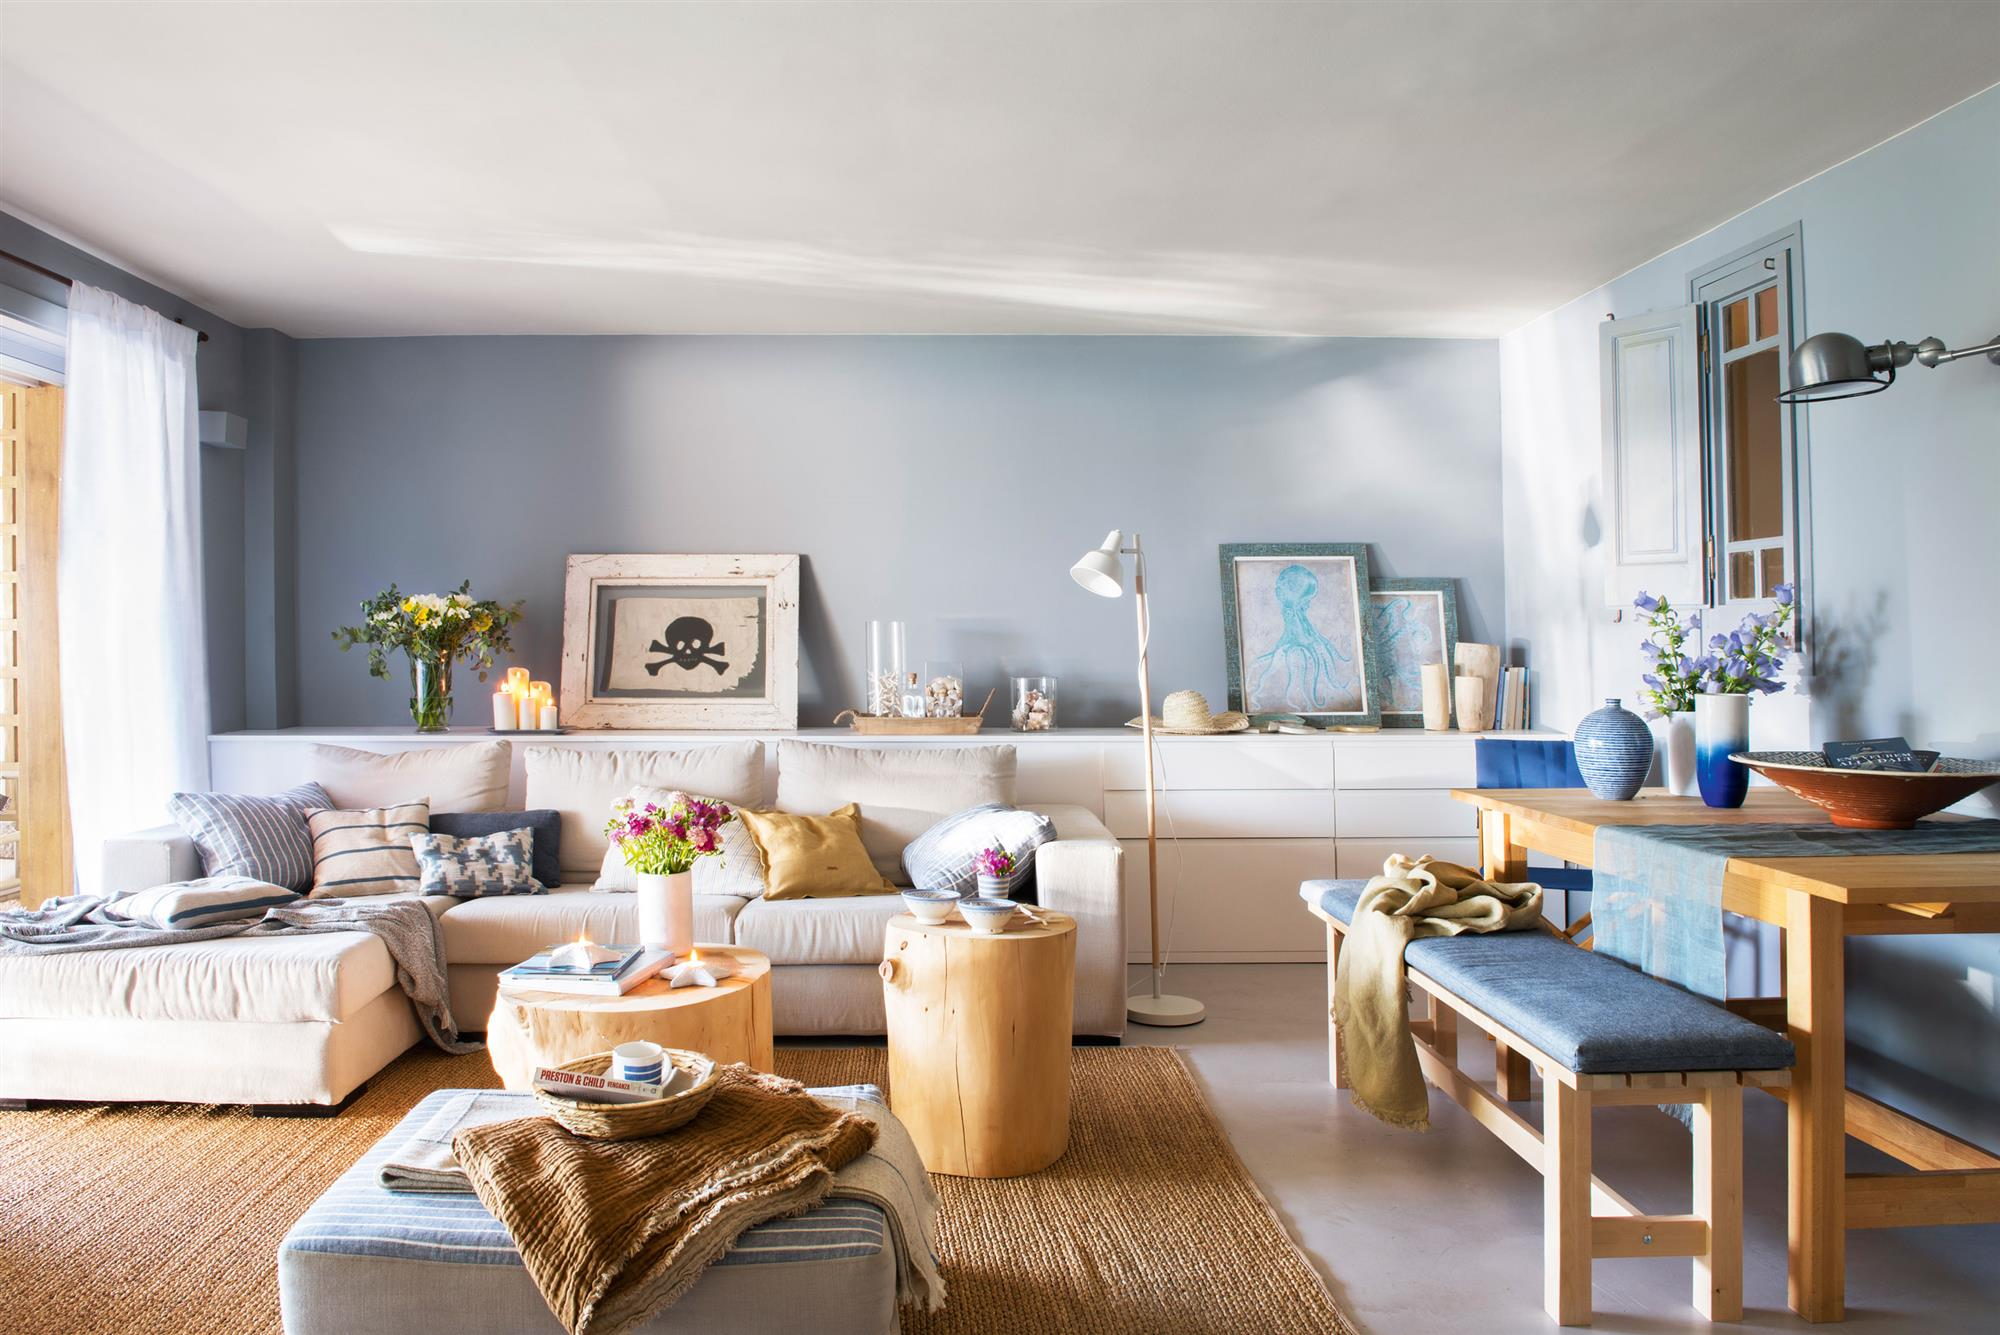 Salon En Tonos Azules. Colorterapia En Casa